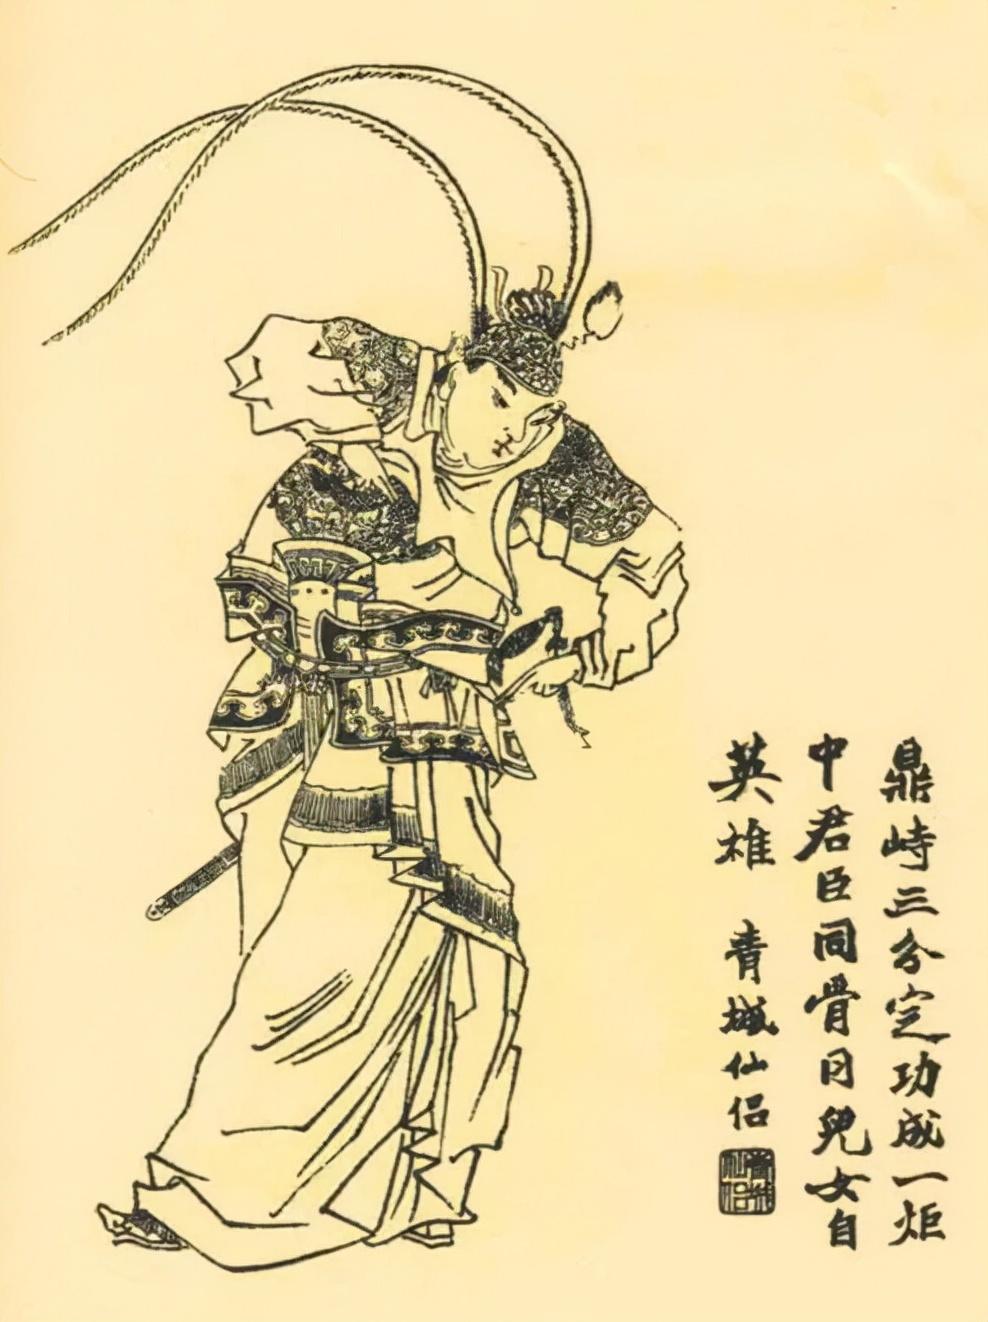 上图_ 周瑜(175年-210年),字公瑾